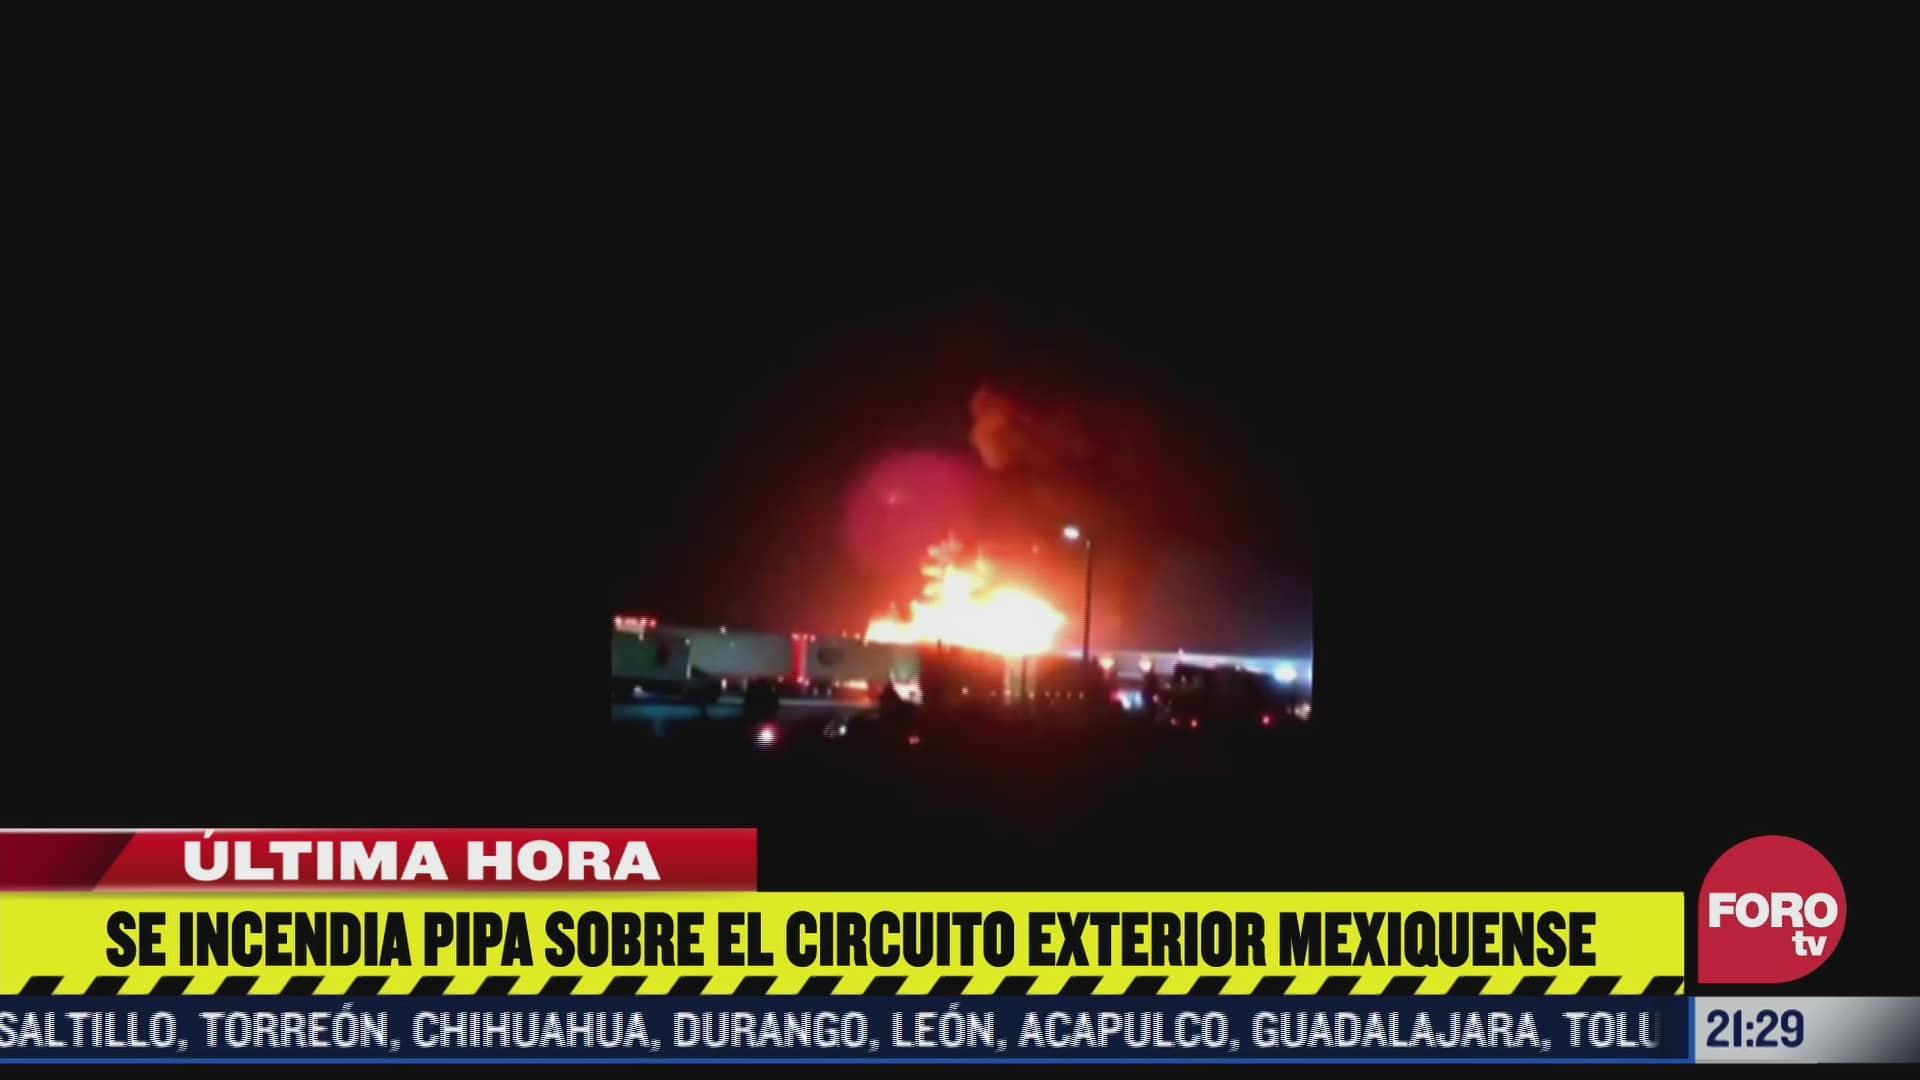 se incendia pipa sobre el circuito exterior mexiquense